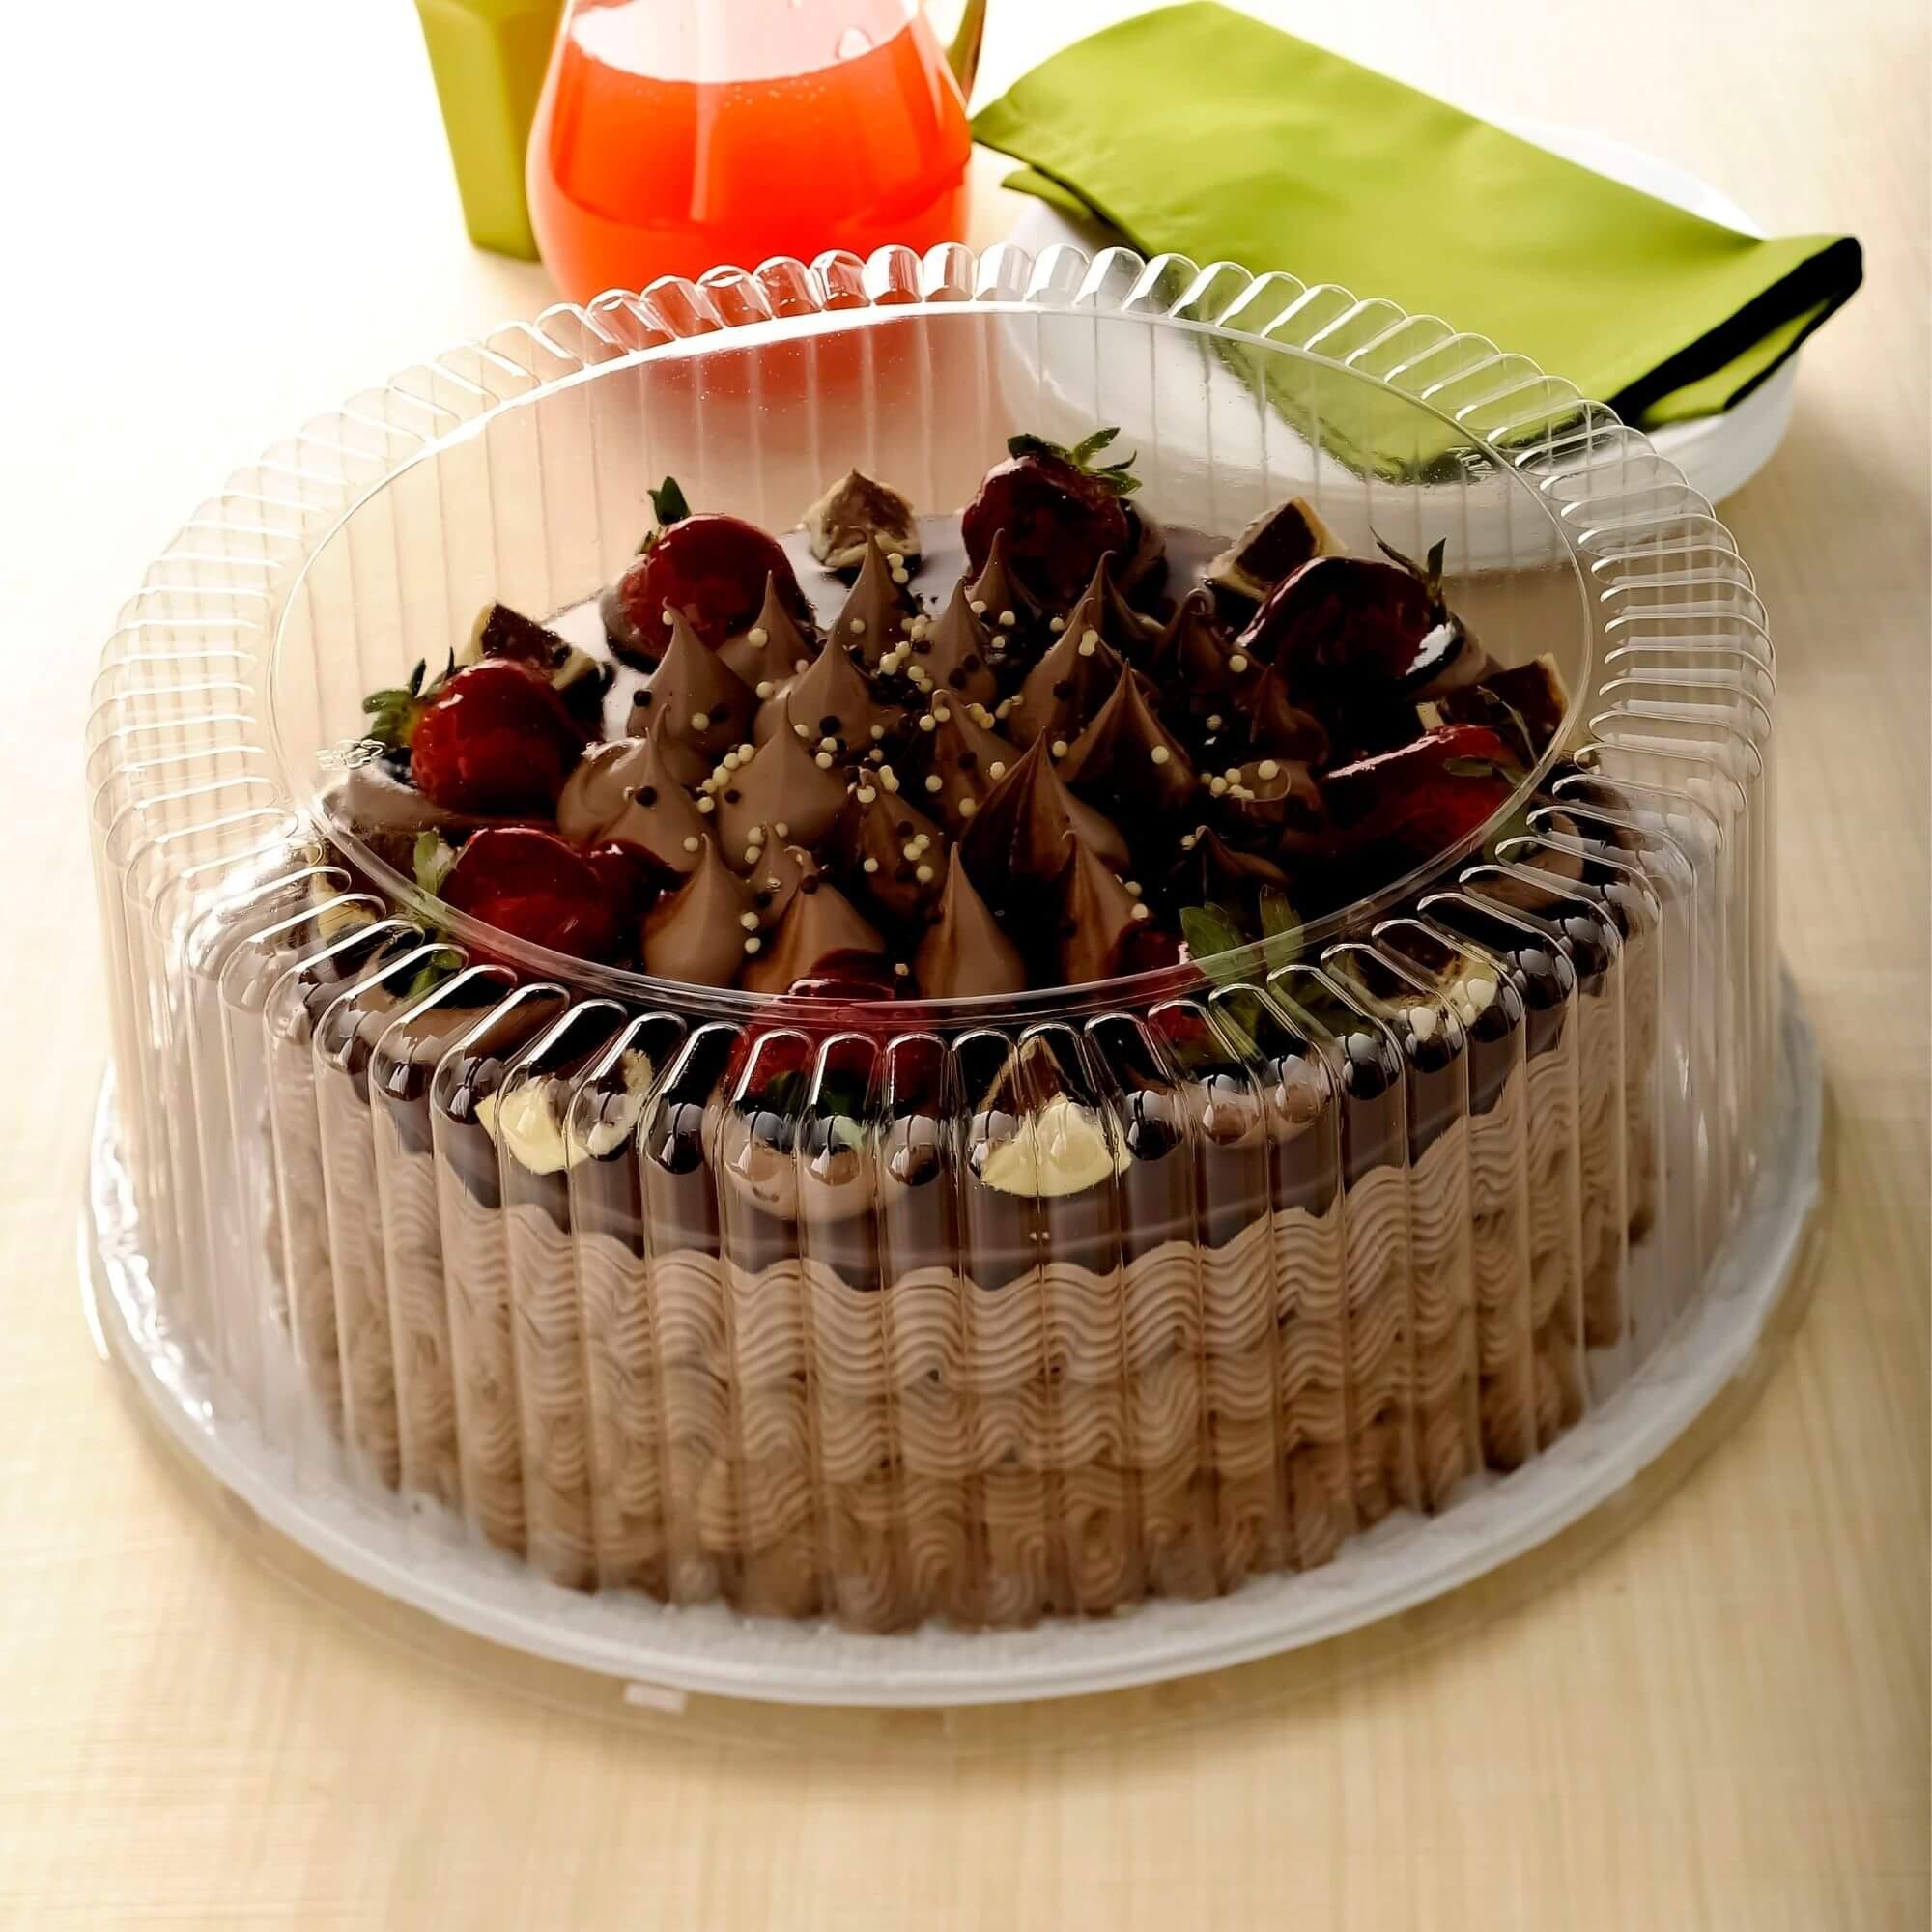 Embalagem bolo caseiro 30un forma aro 30 até 4kg - G80 Galvanotek